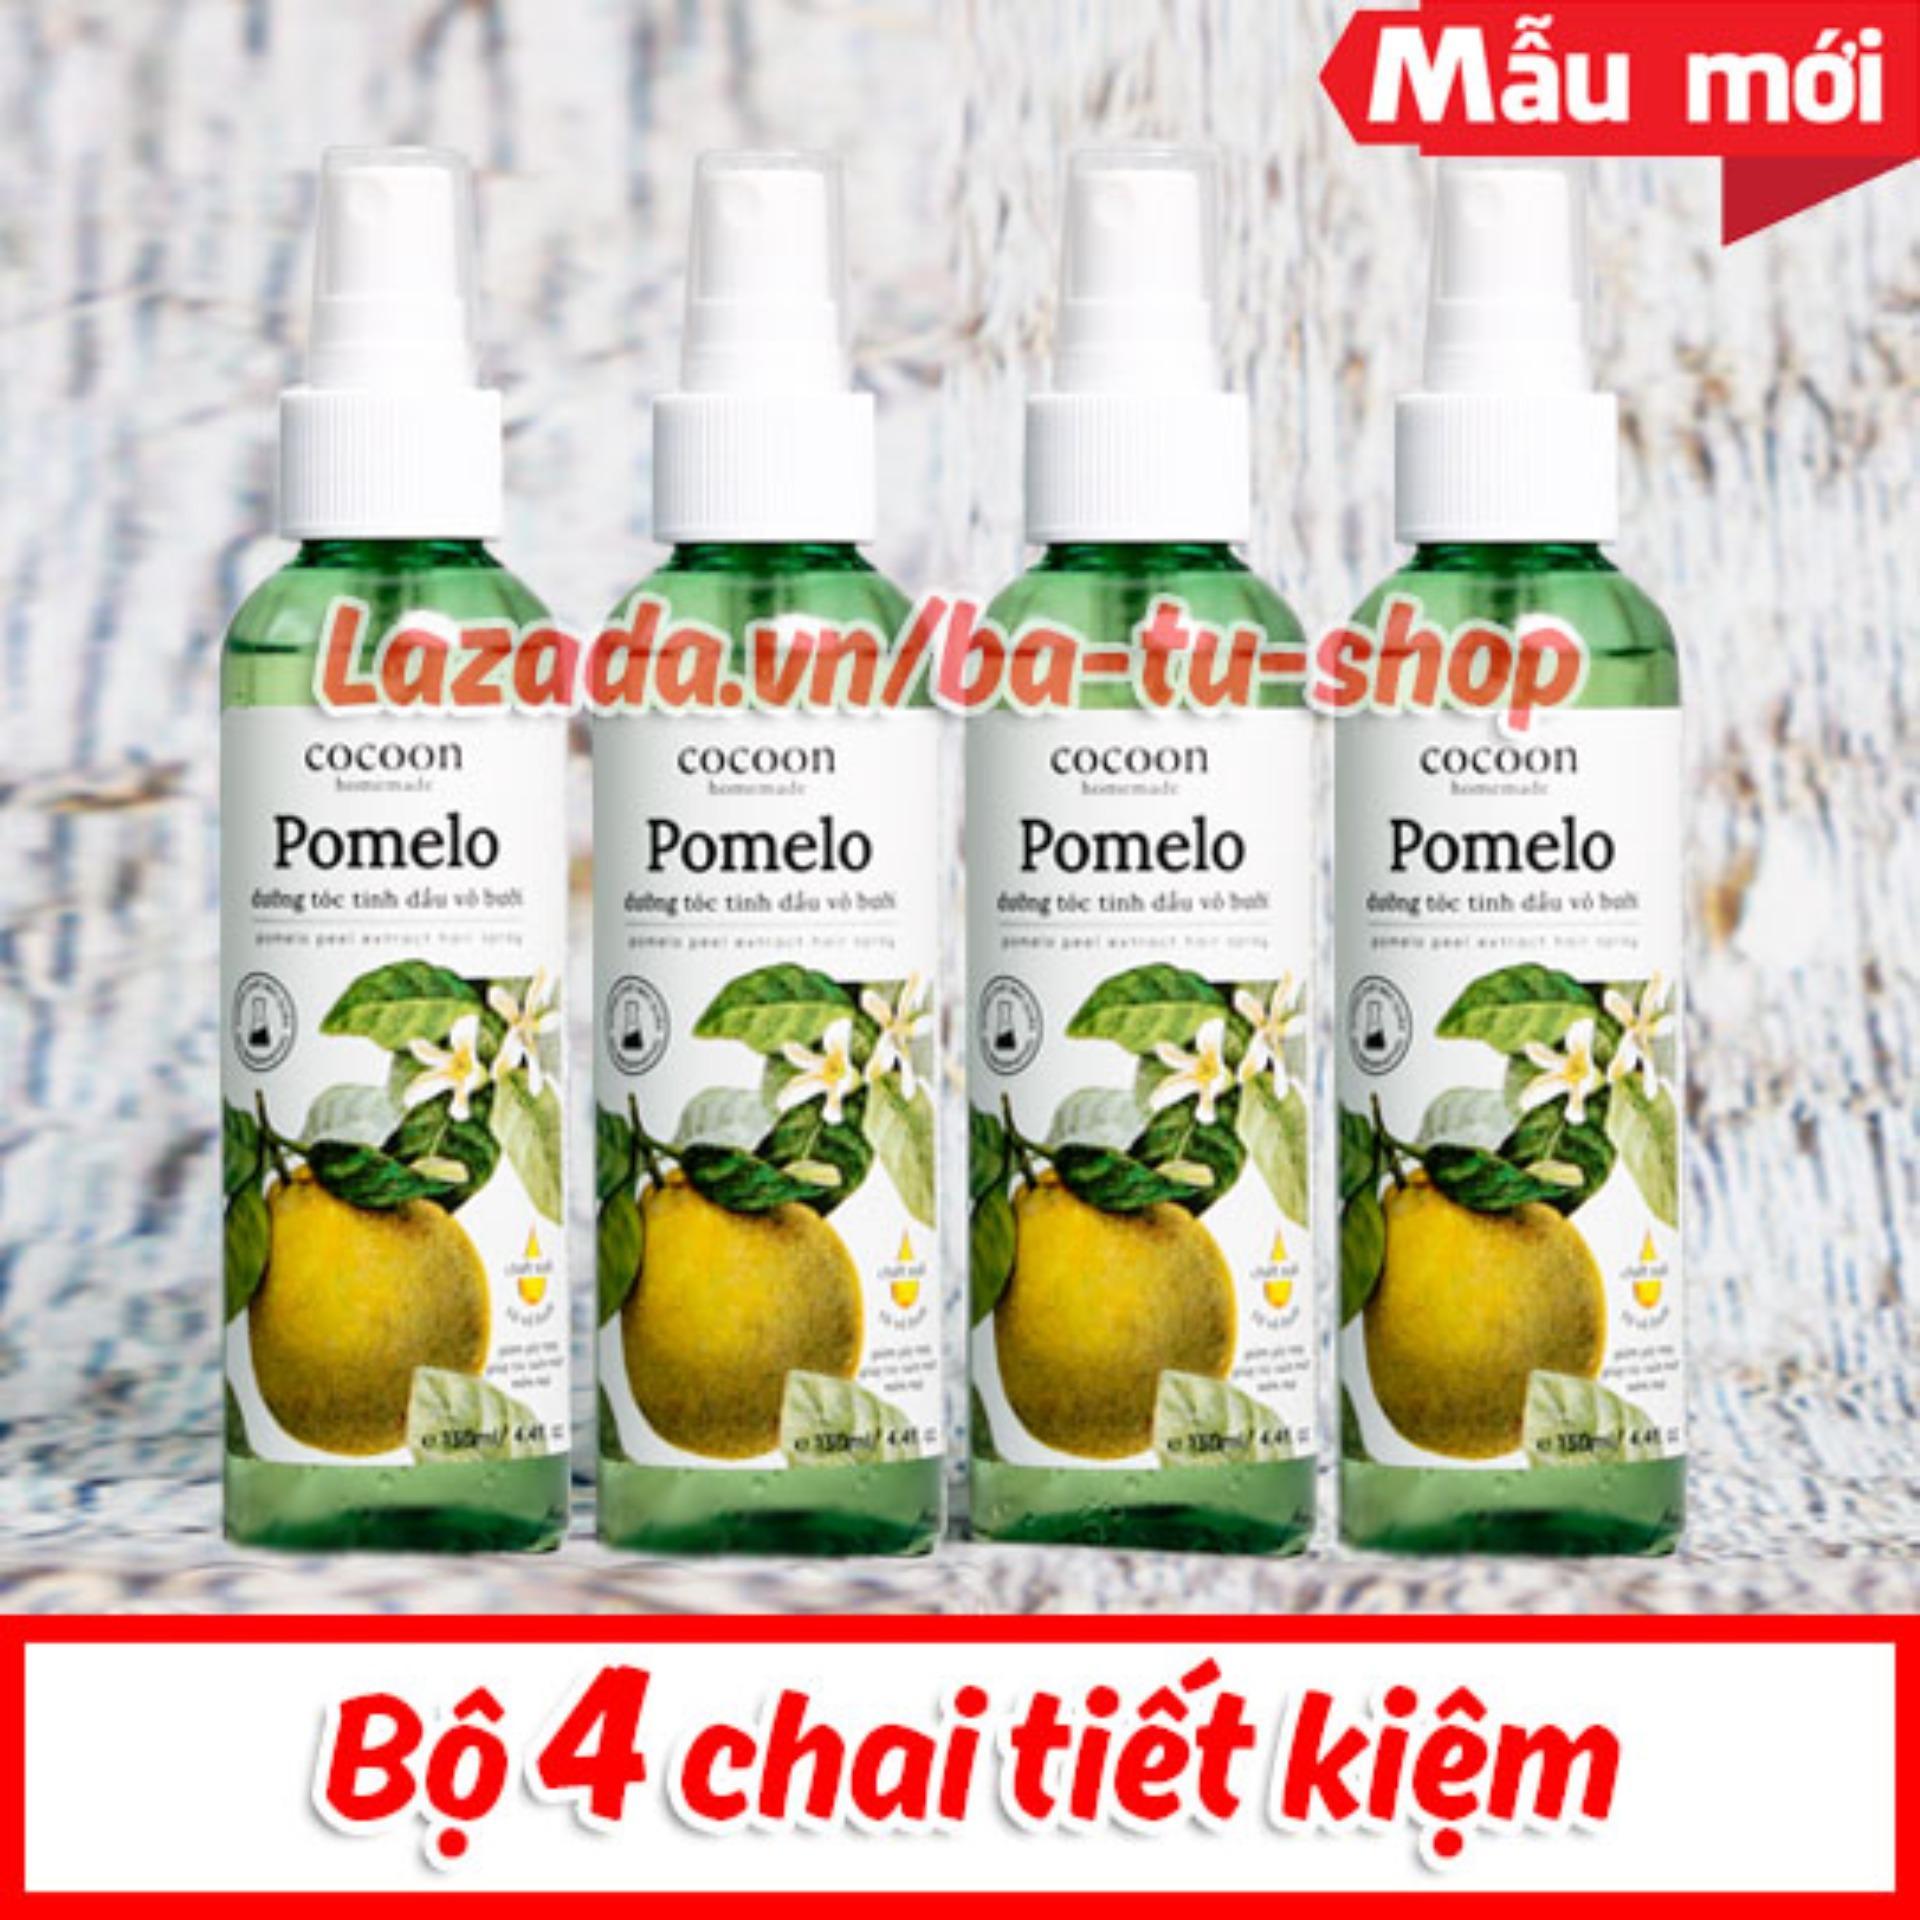 Bộ 4 chai Xịt dưỡng tóc Tinh Dầu Bưởi trị rụng tóc Pomelo (130mlx4) tốt nhất